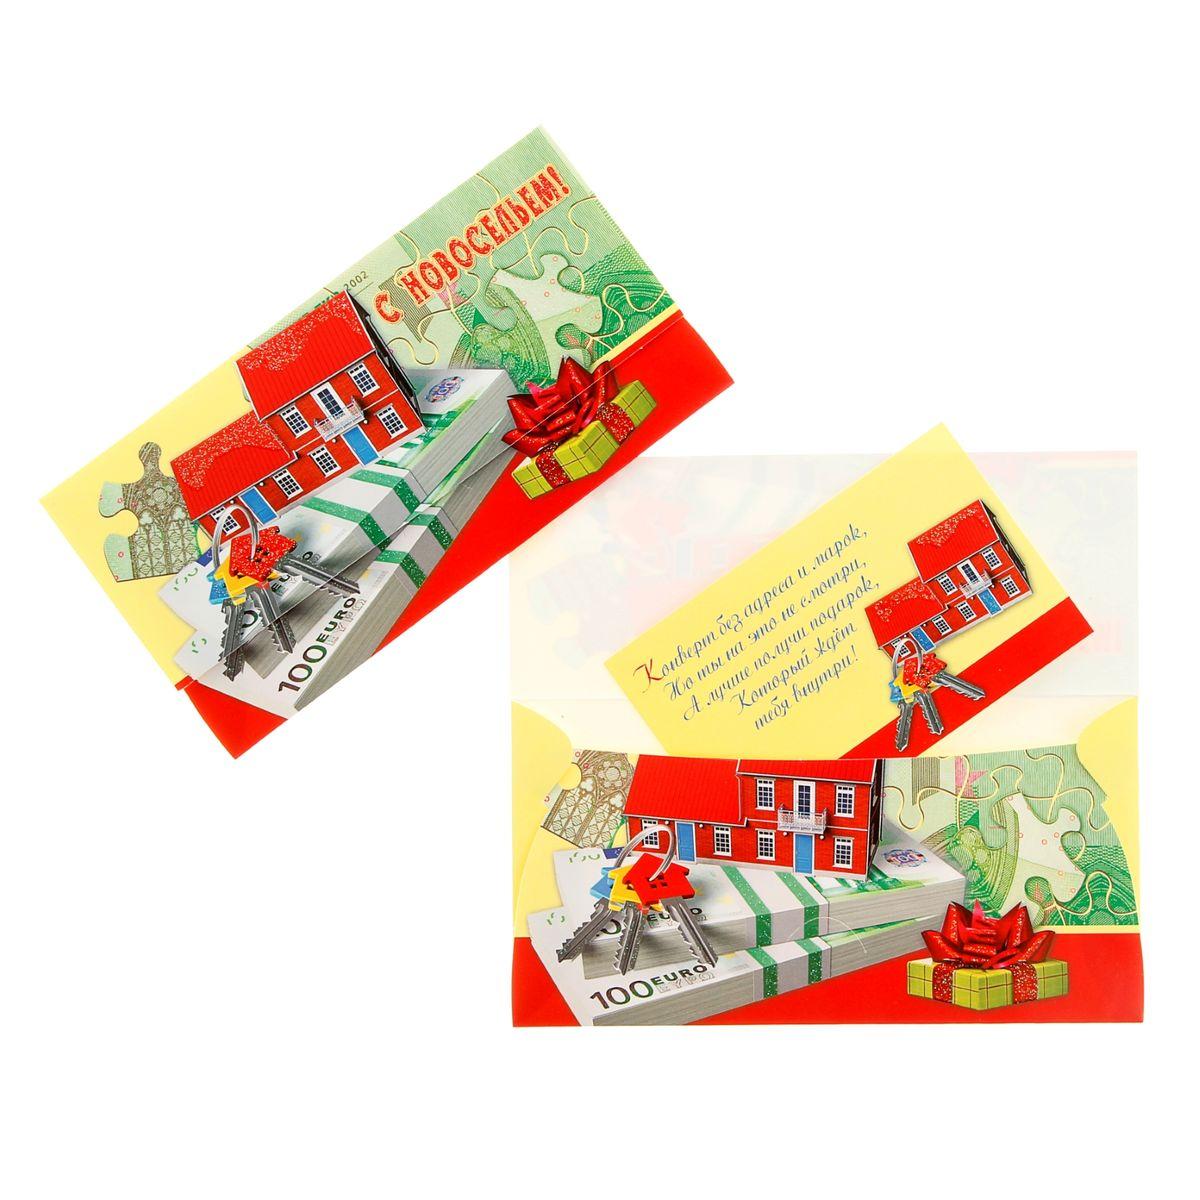 Конверт для денег С новосельем!. 10515261051526Конверт для денег С новосельем! выполнен из плотной бумаги и украшен яркой картинкой, соответствующей событию, для которого предназначен. В комплект с конвертом входит вкладыш с поздравлением. Это необычная красивая одежка для денежного подарка, а так же отличная возможность сделать его более праздничным и создать прекрасное настроение!